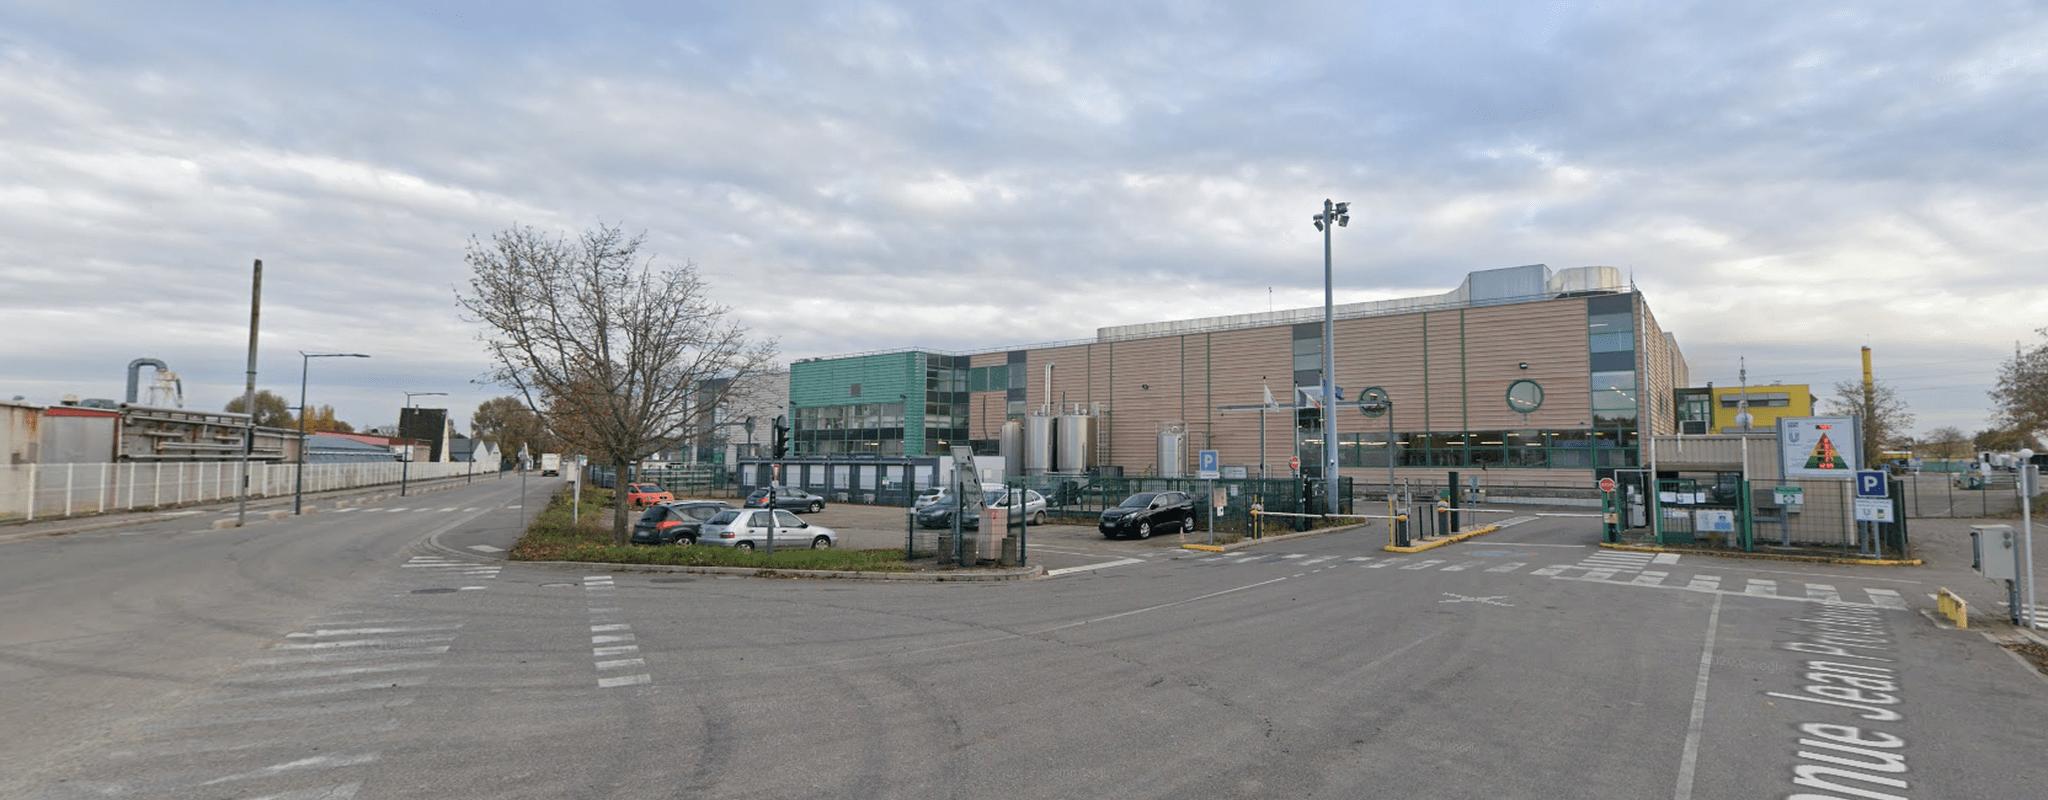 Les soupes Knorr à Duppigheim fermées, 261 emplois menacés